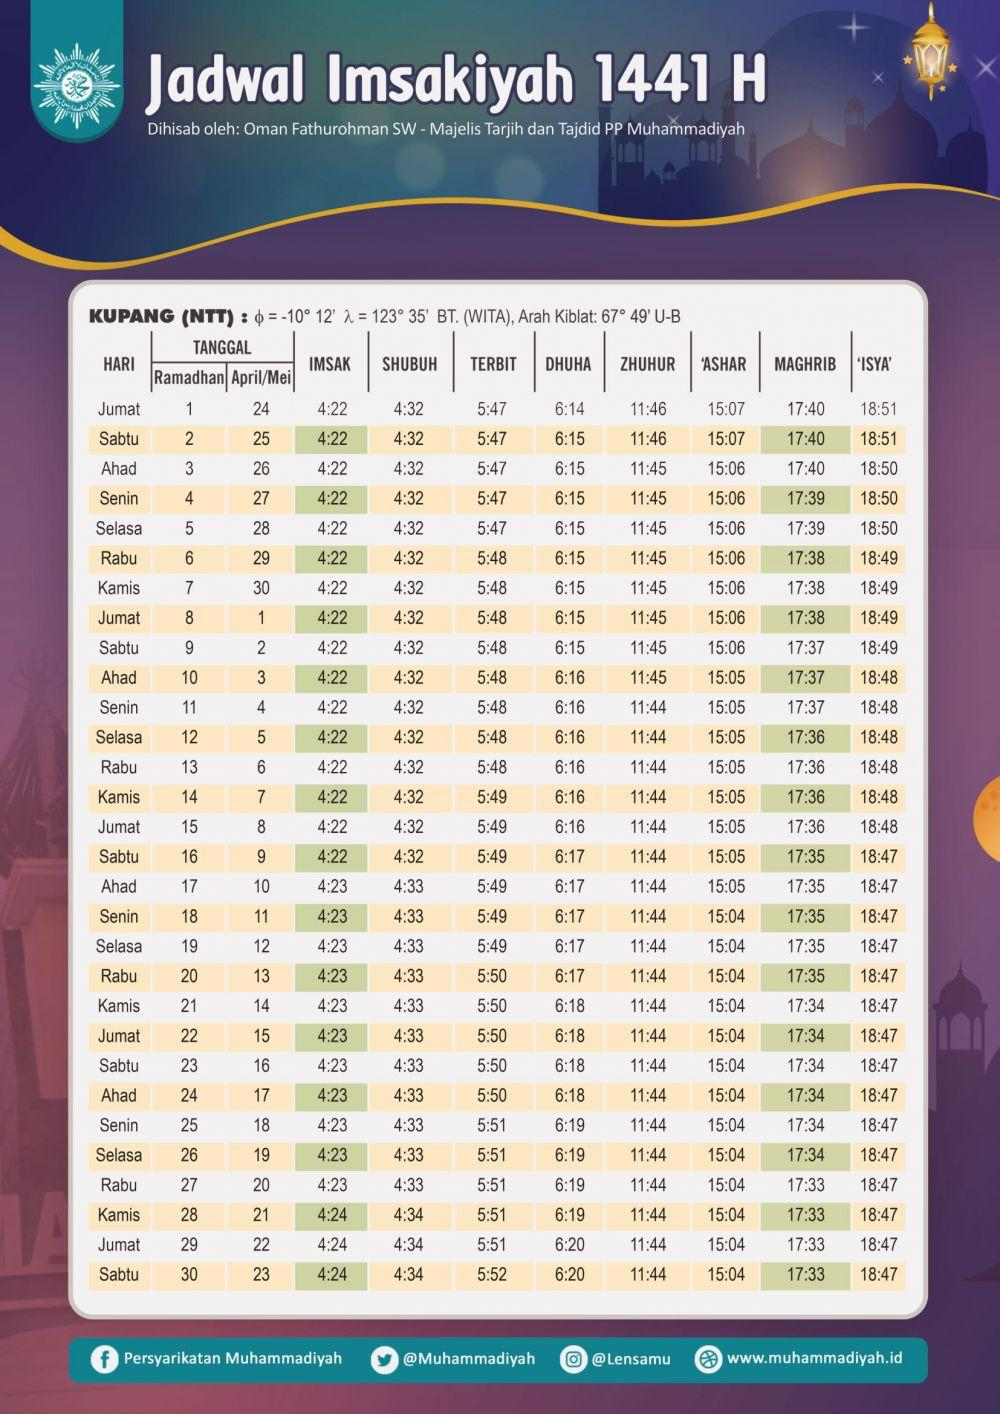 Jadwal Imsakiyah dan Buka Puasa Ramadan 1441 H/2020 M, Kupang